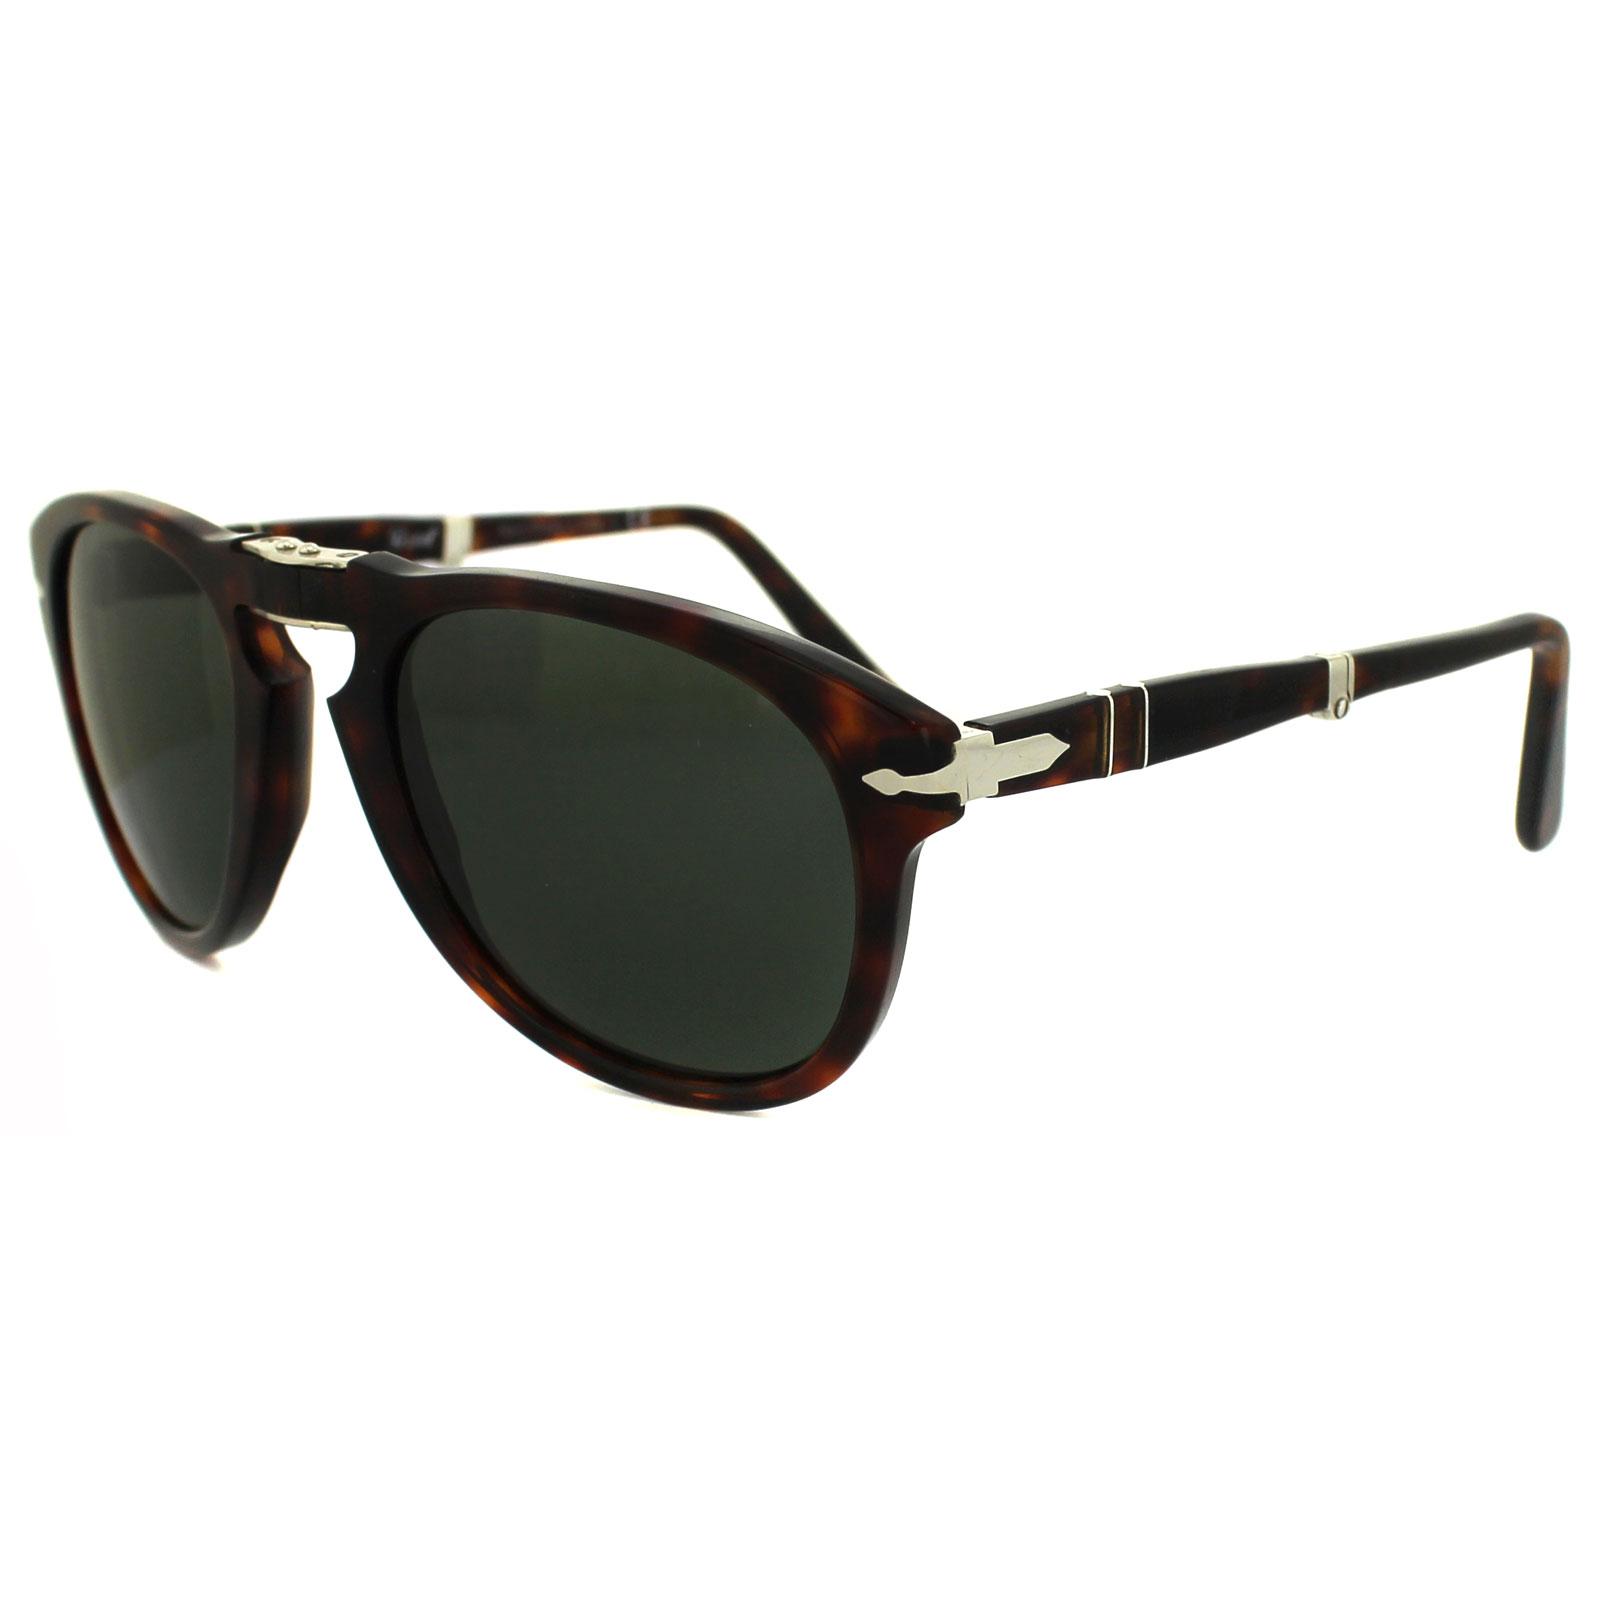 Persol PO0649 Sonnenbrille Havana 24/31 52mm hd4uXYQ